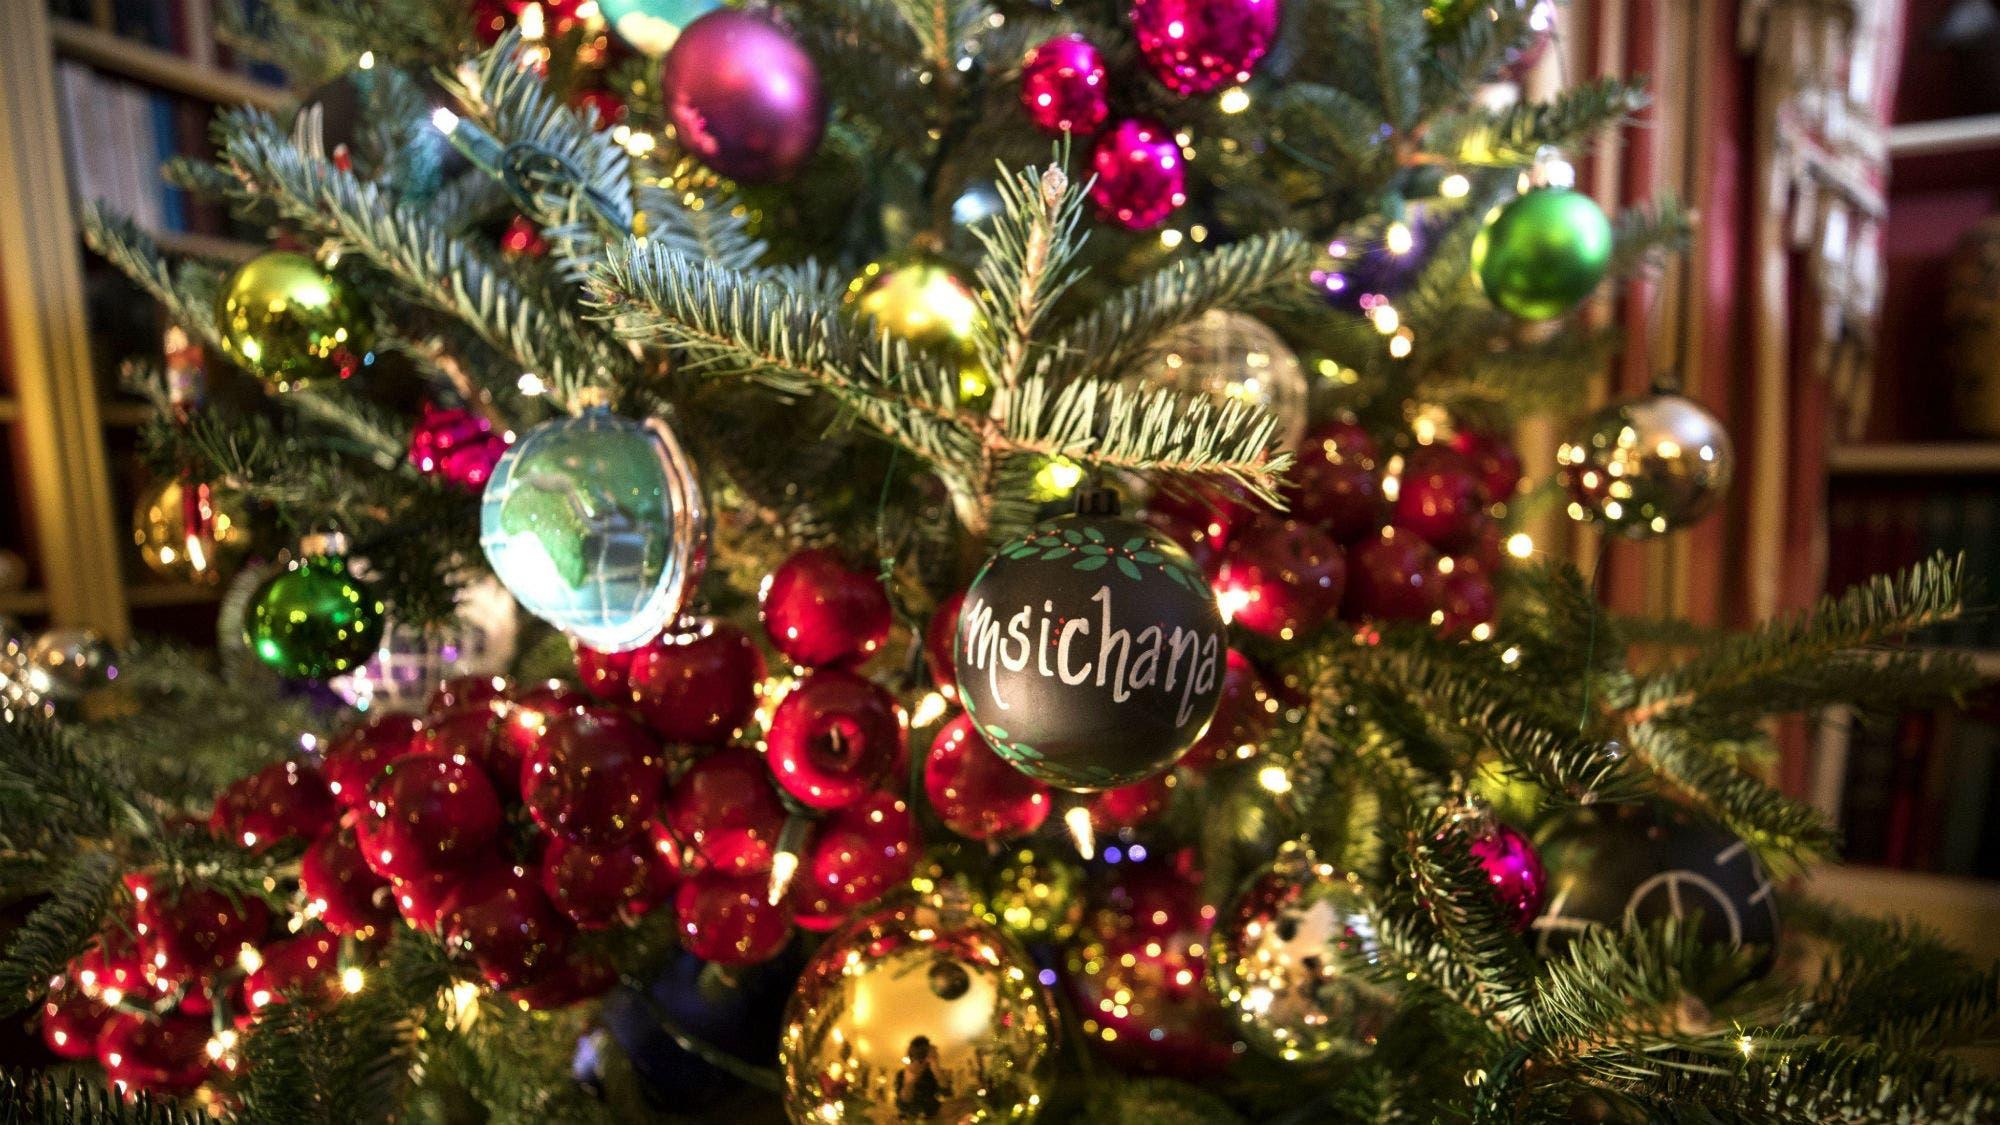 Felices fiestas: 10 frases de Navidad para compartir y celebrar